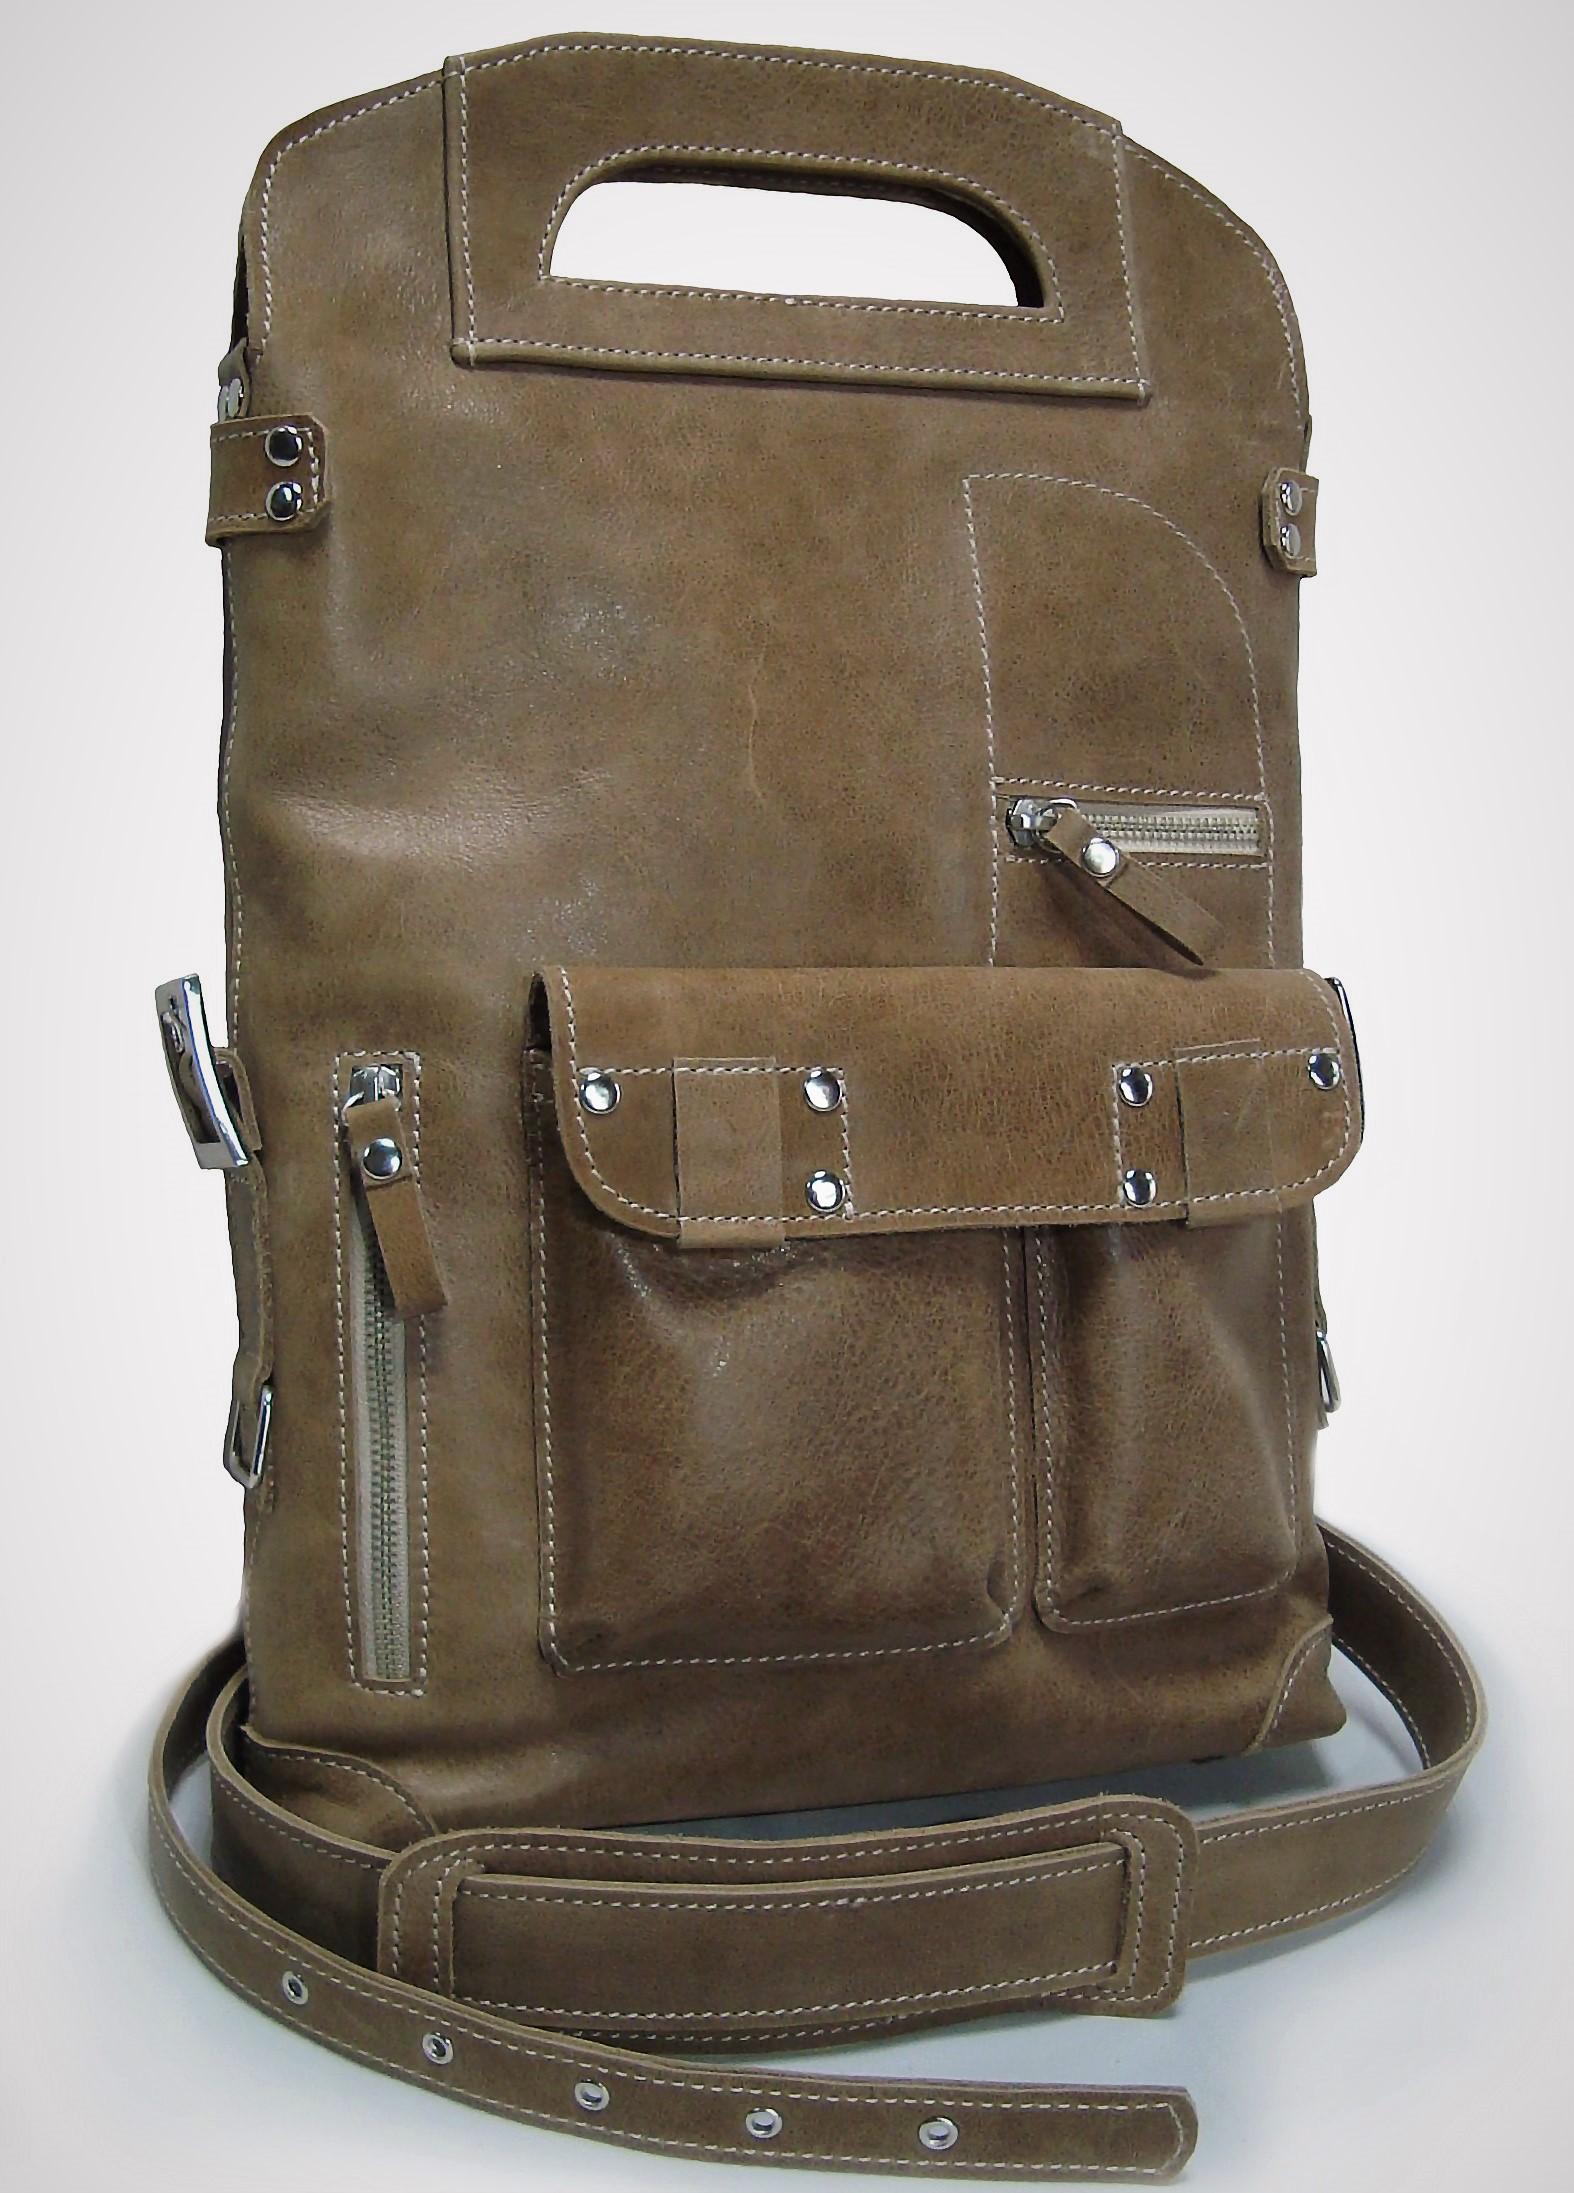 Сумка мужская Модель № 4Сумки и др. изделия из кожи<br>Общая высота сумки: 42 см <br>Высота до ручек: 34 см <br>Ширина сумки: 27 см <br>Ширина дна: 6 см <br>Длинна ремня: 140 см<br><br>Тип: Сумка<br>Размер: -<br>Материал: Натуральная кожа